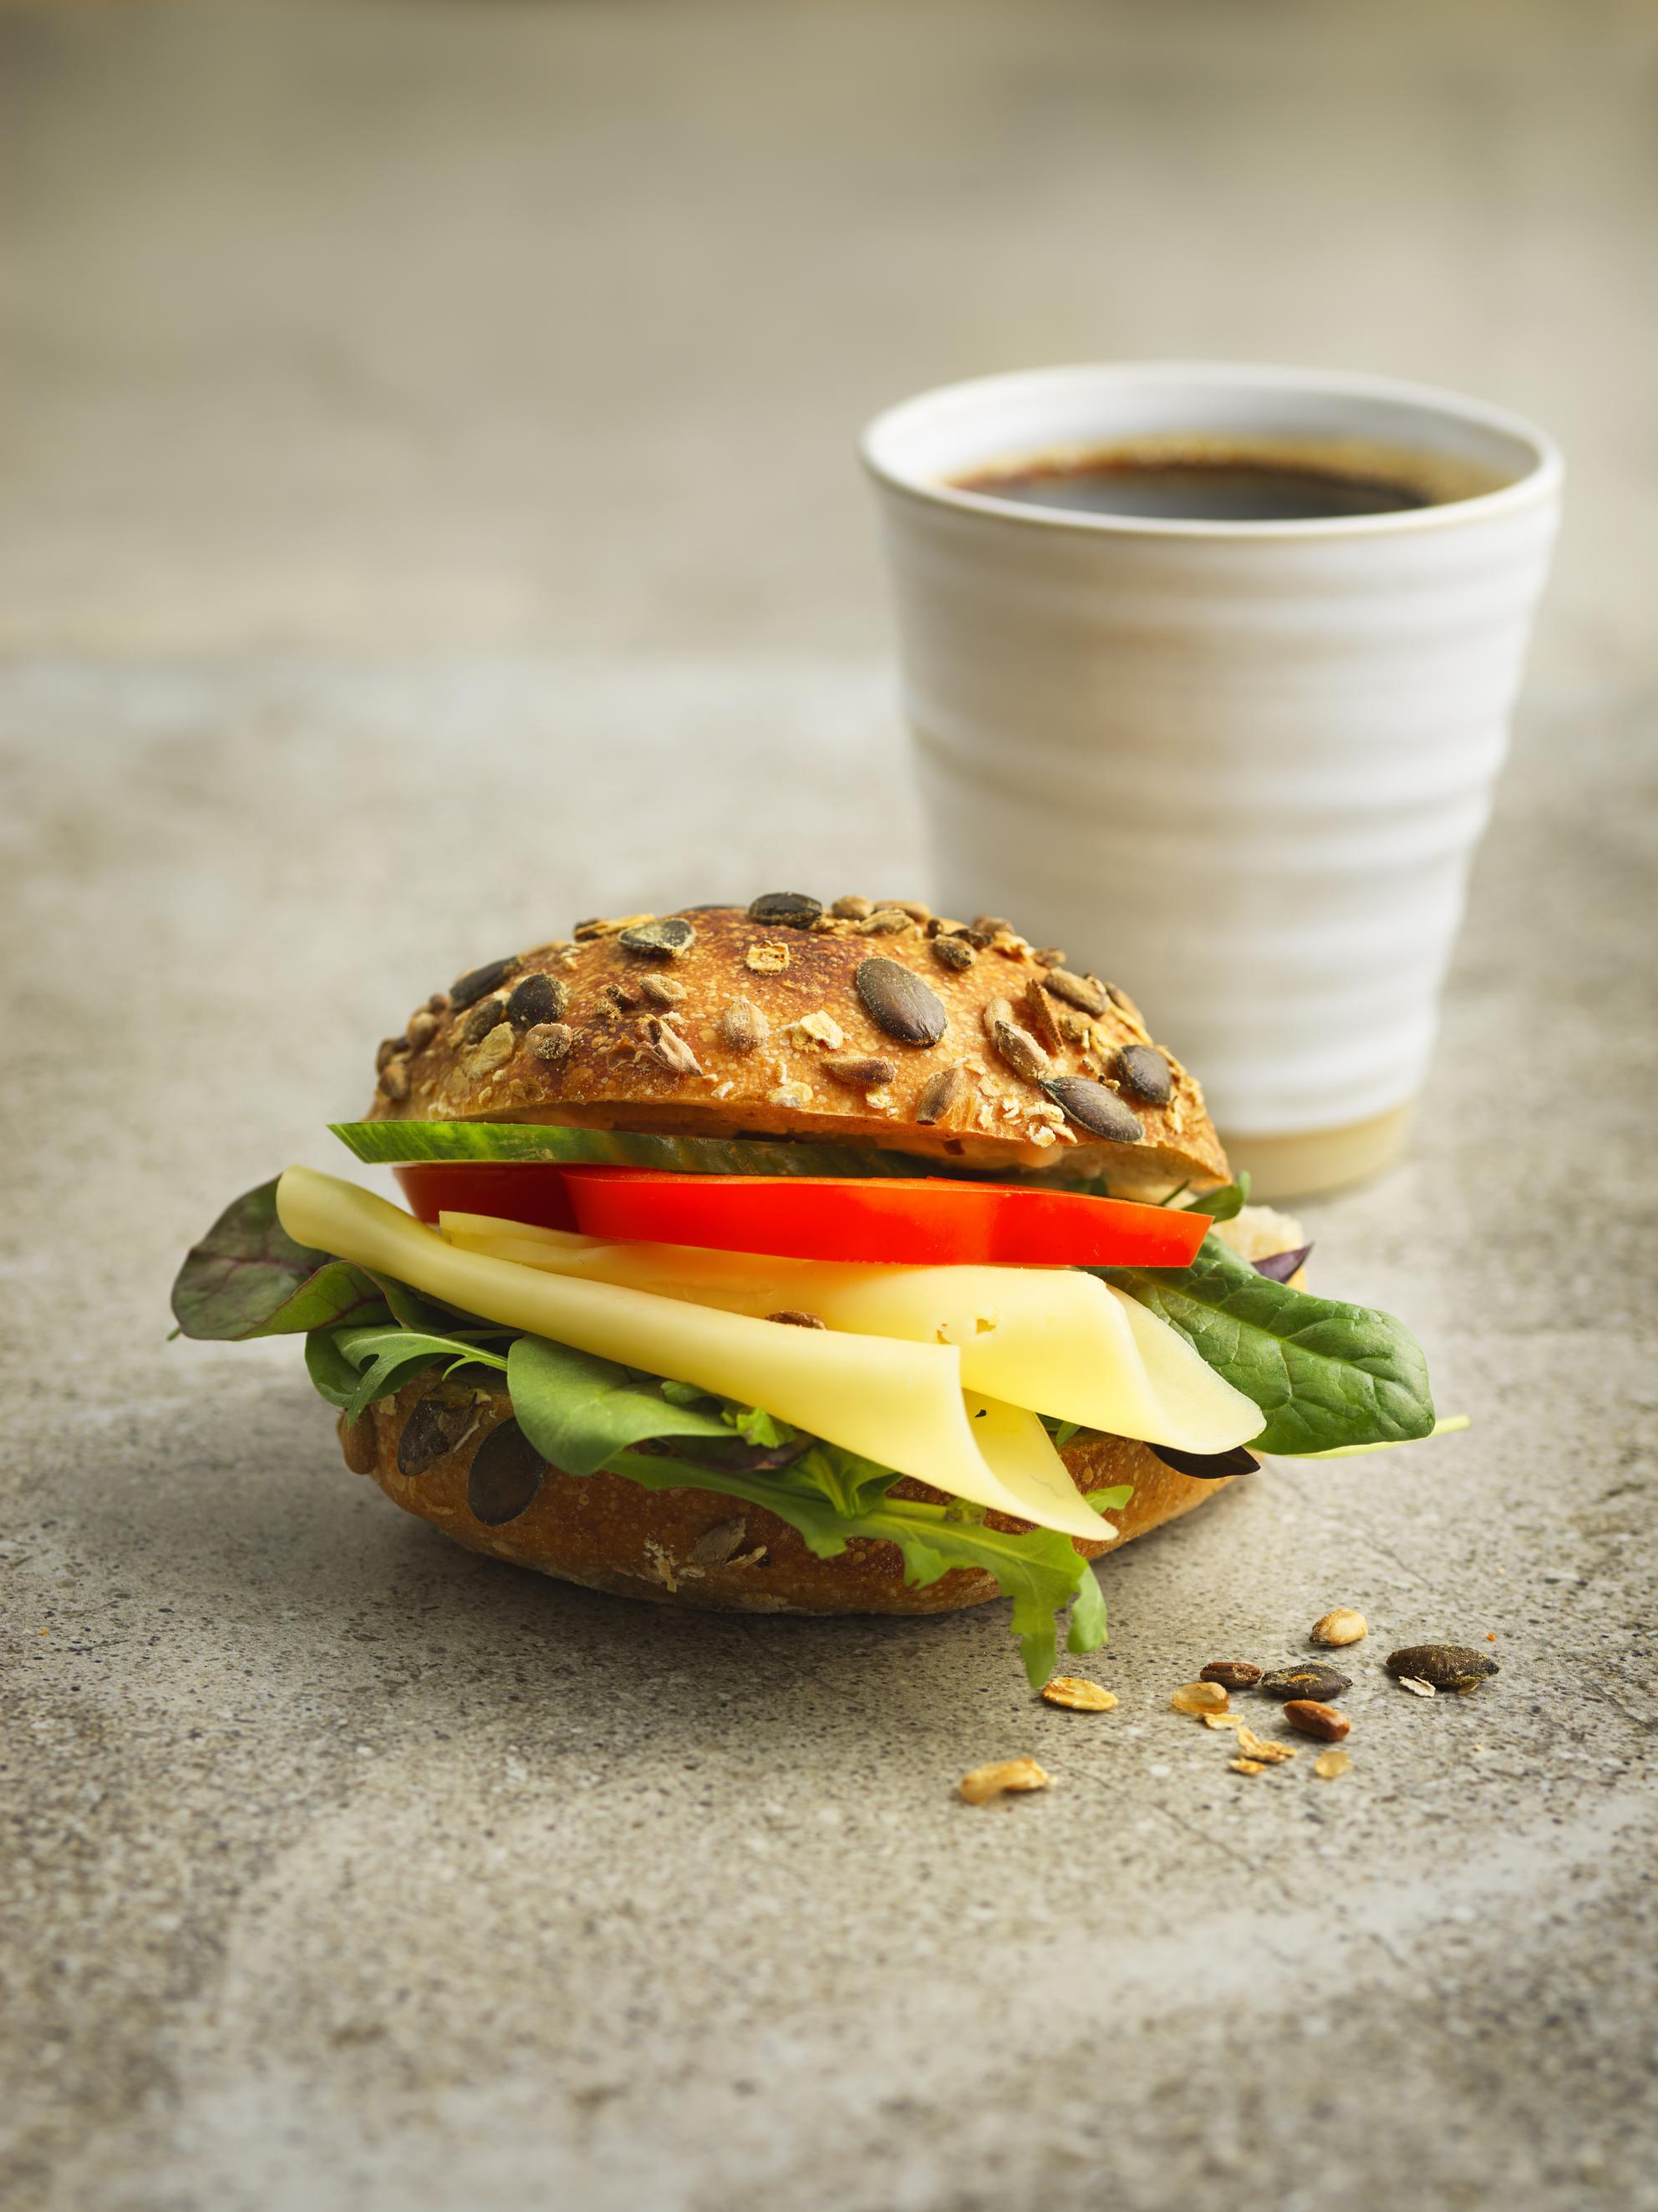 Frukostfralla 39:- - Ostfralla med grönsaker ellerOst & Skinka med grönsaker